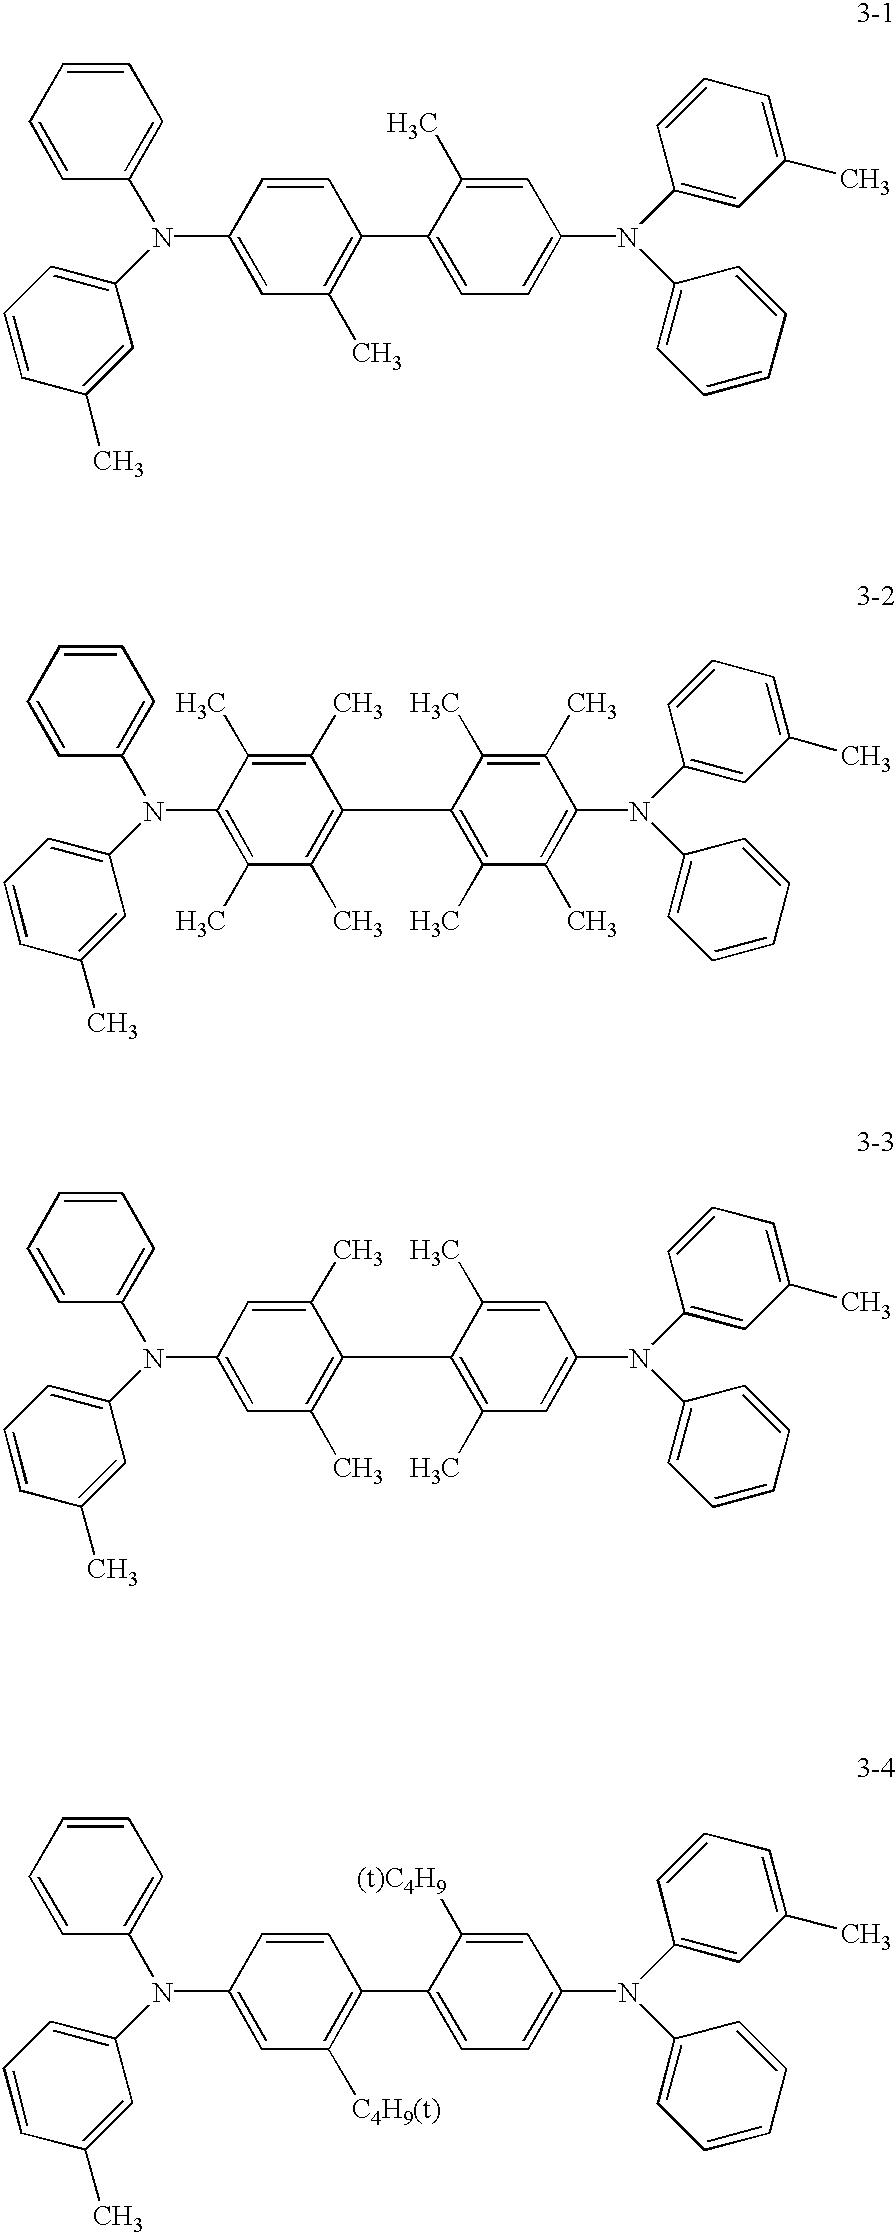 Figure US20030076032A1-20030424-C00003